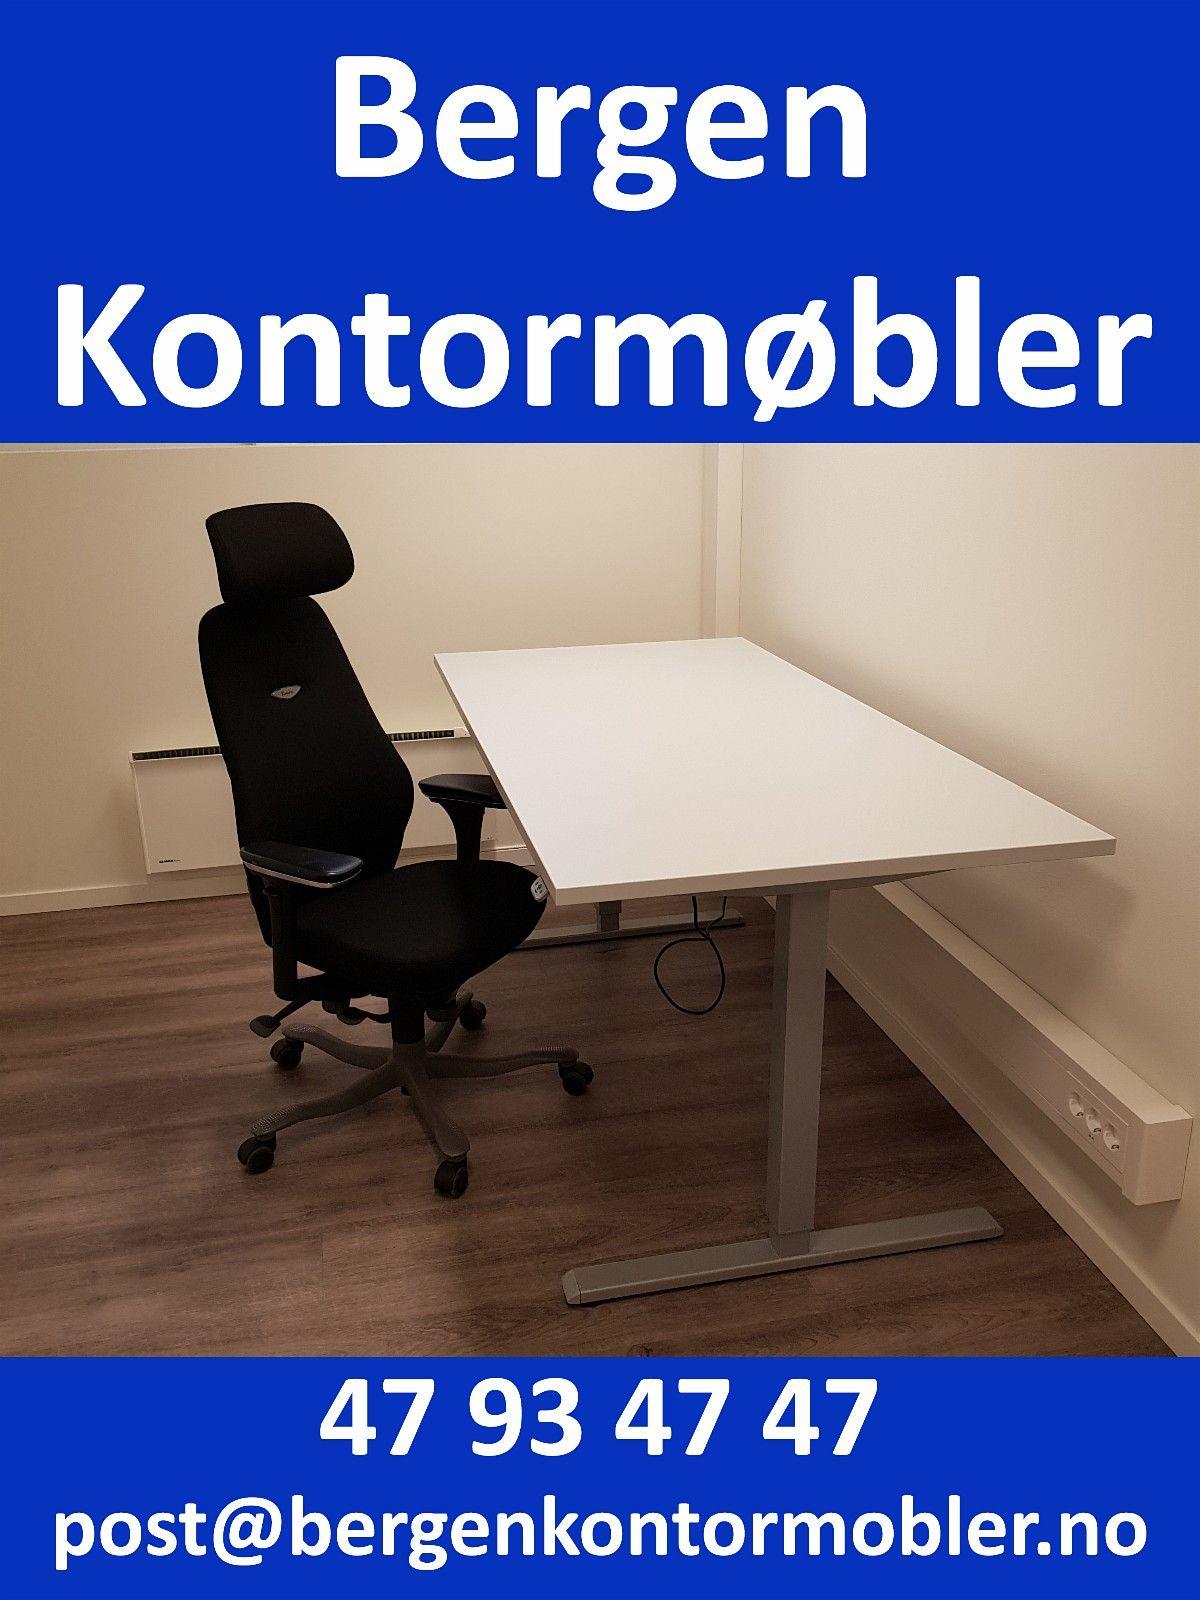 salg av brukte kontormøbler